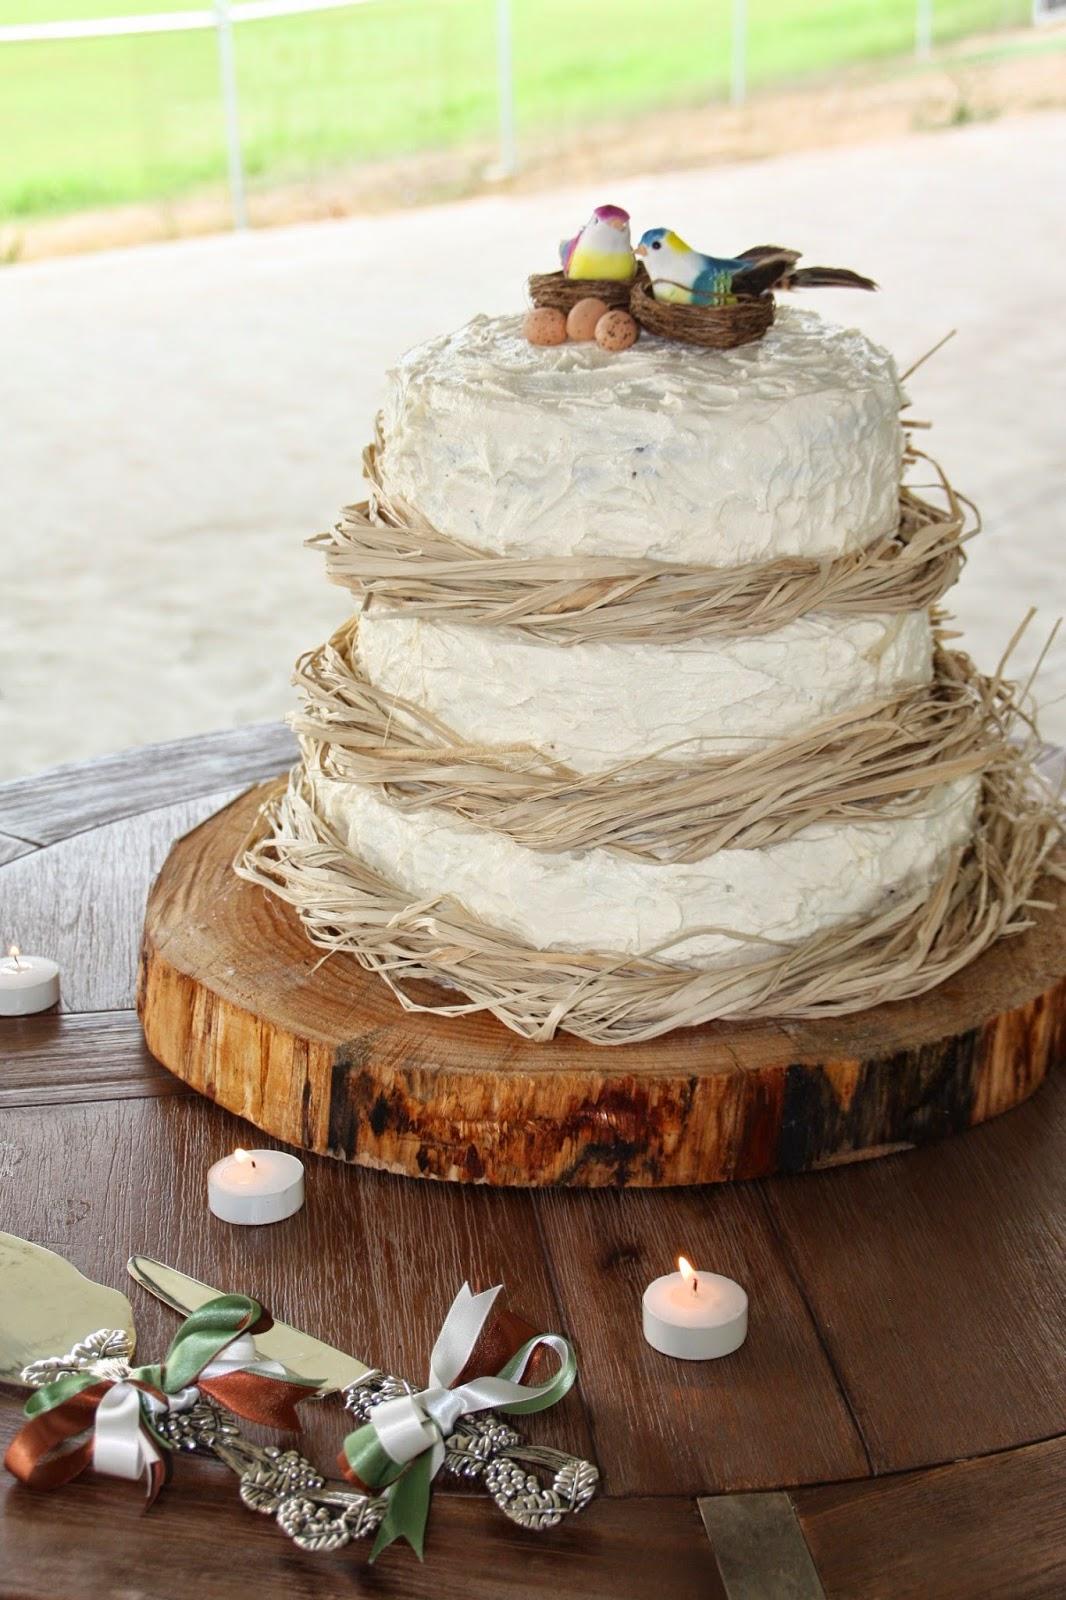 Wedding Cake Ideas For Rustic Wedding : Rustic Wedding Cakes Wedding Stuff Ideas